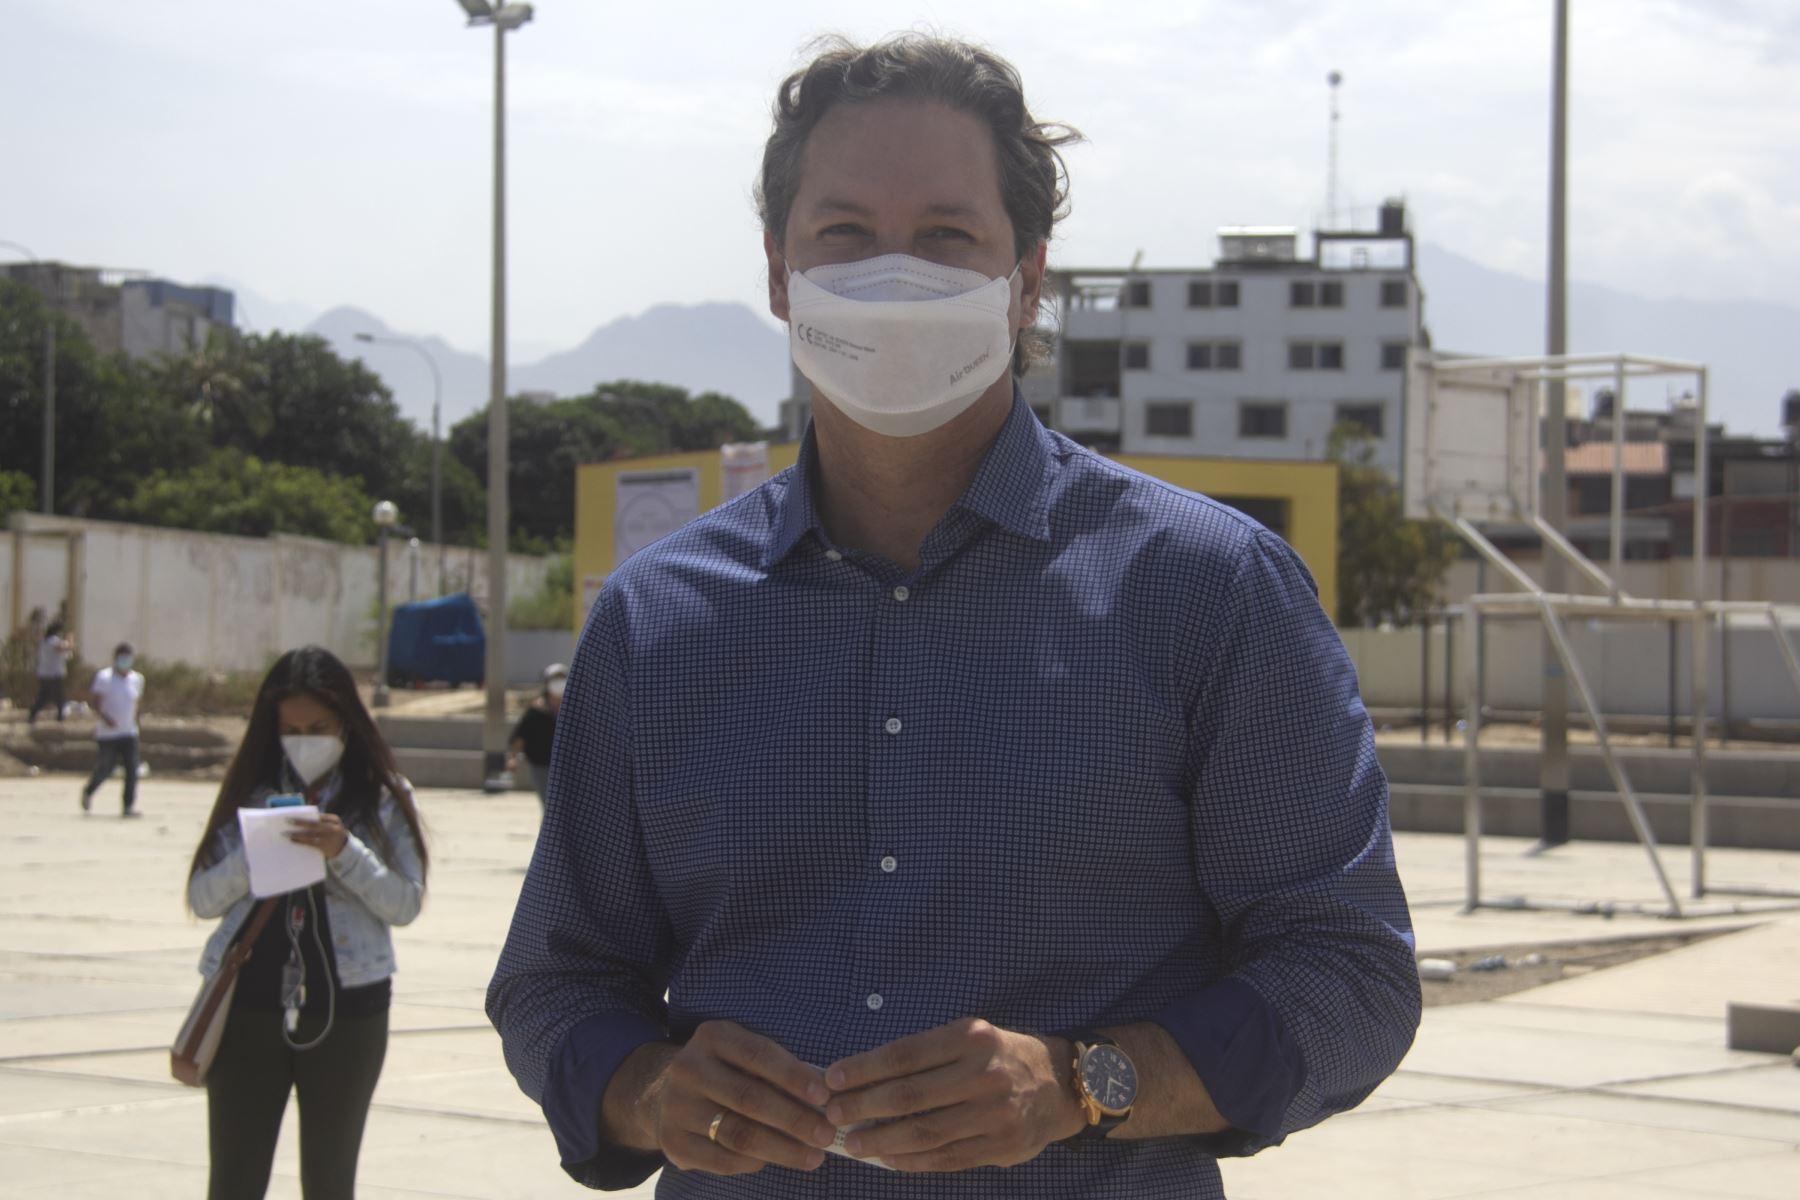 La Libertad (PERÚ), 11/04/2021.-El candidato presidencial de Somos Perú, Daniel Salaverry, emite su voto en la I. E.  San Juan,  en la ciudad de Trujillo,  durante la jornada de las Elecciones Generales 2021.  Foto: ANDINA/ Luis Puell